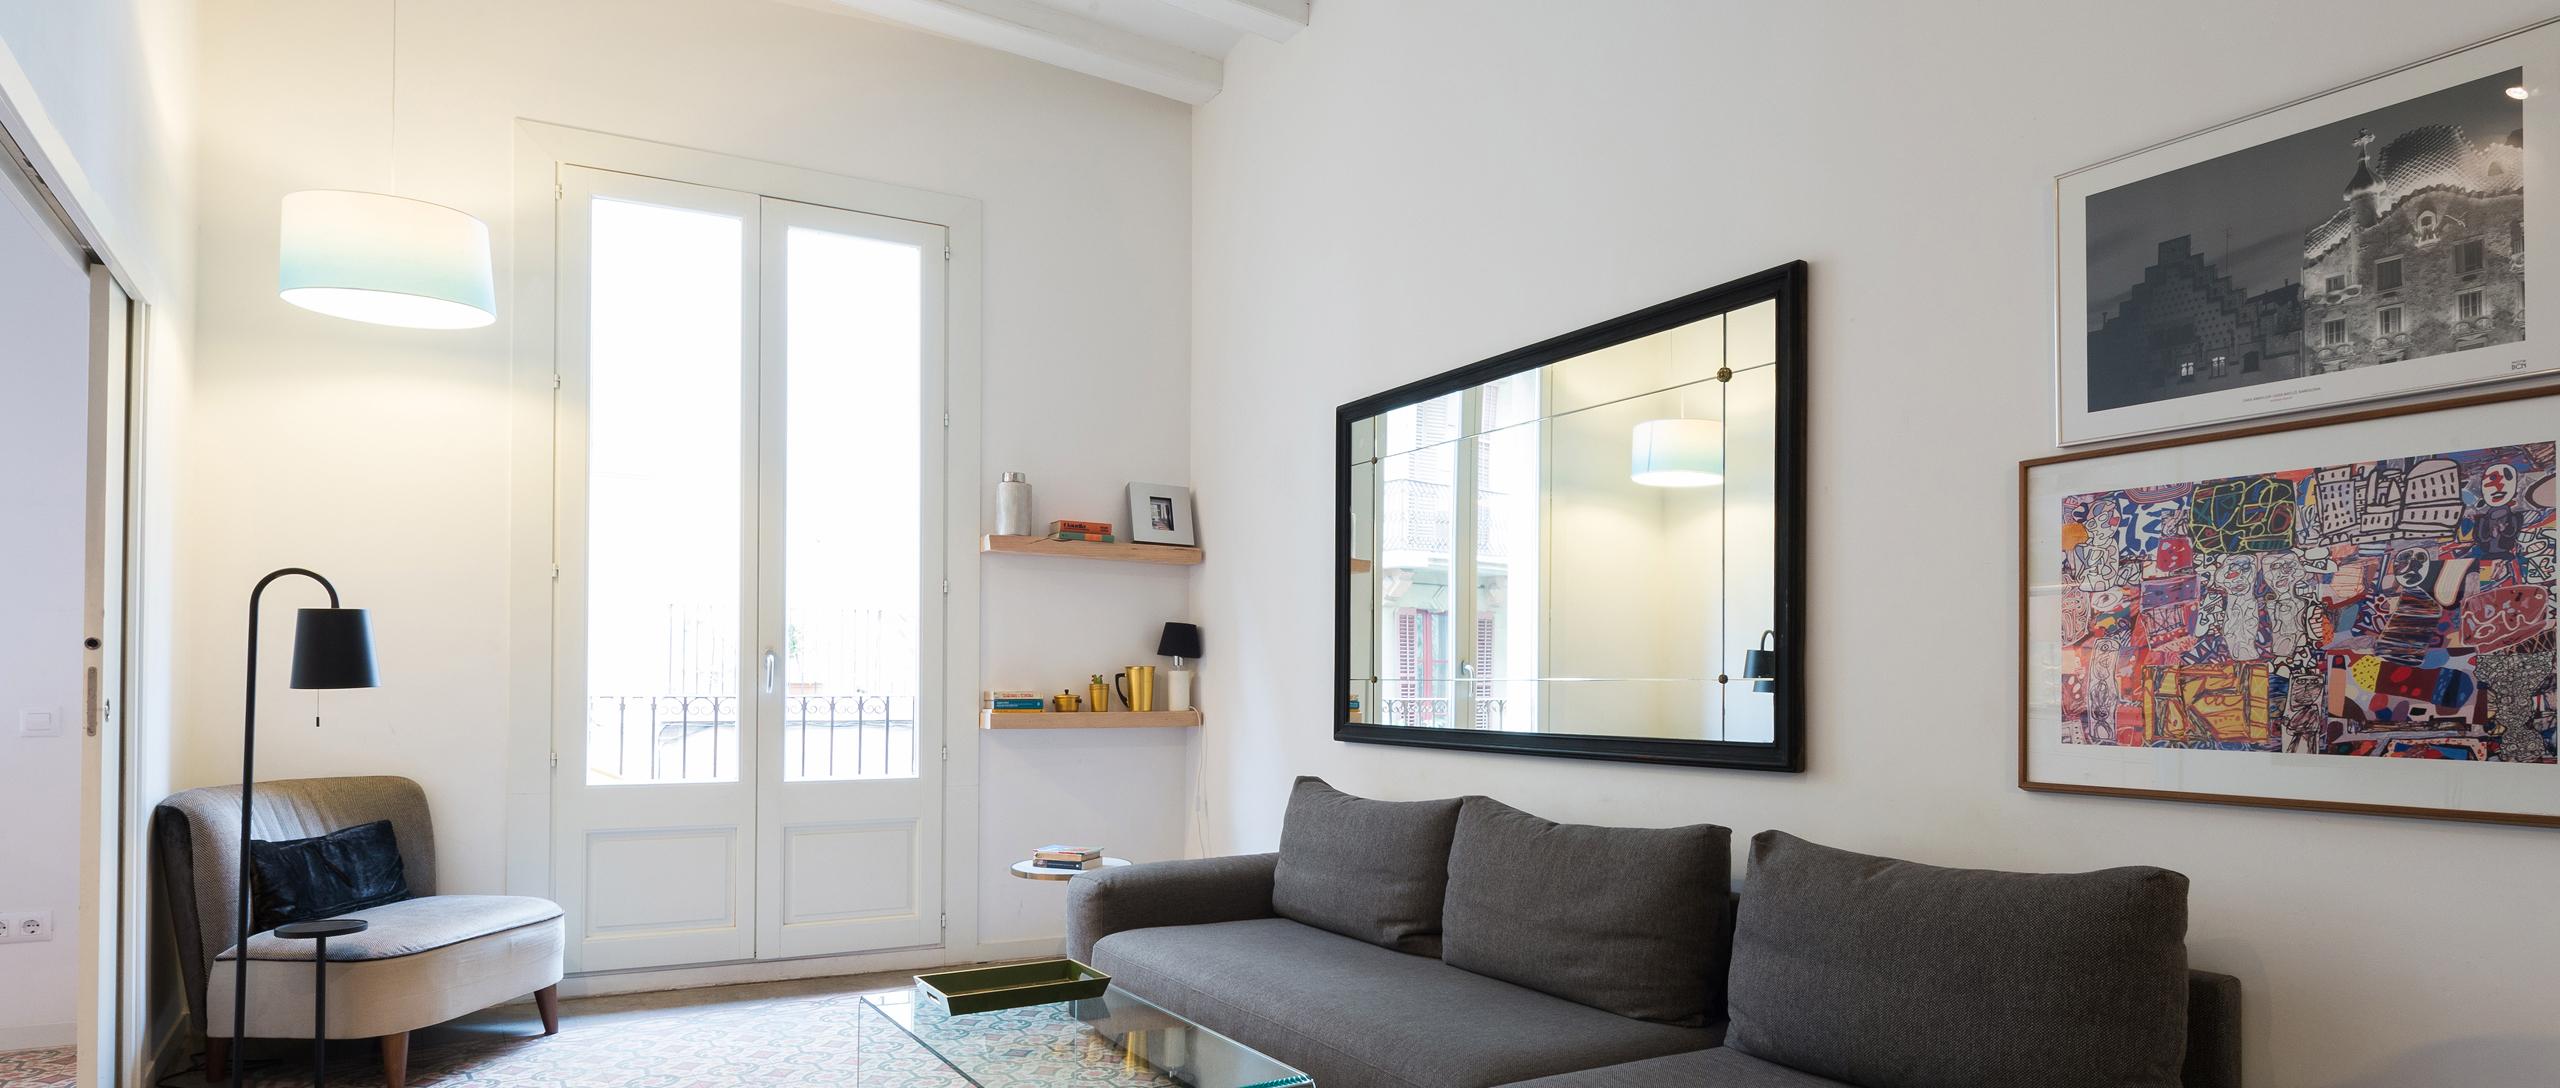 Localizaciones interiores para fotografia en barcelona